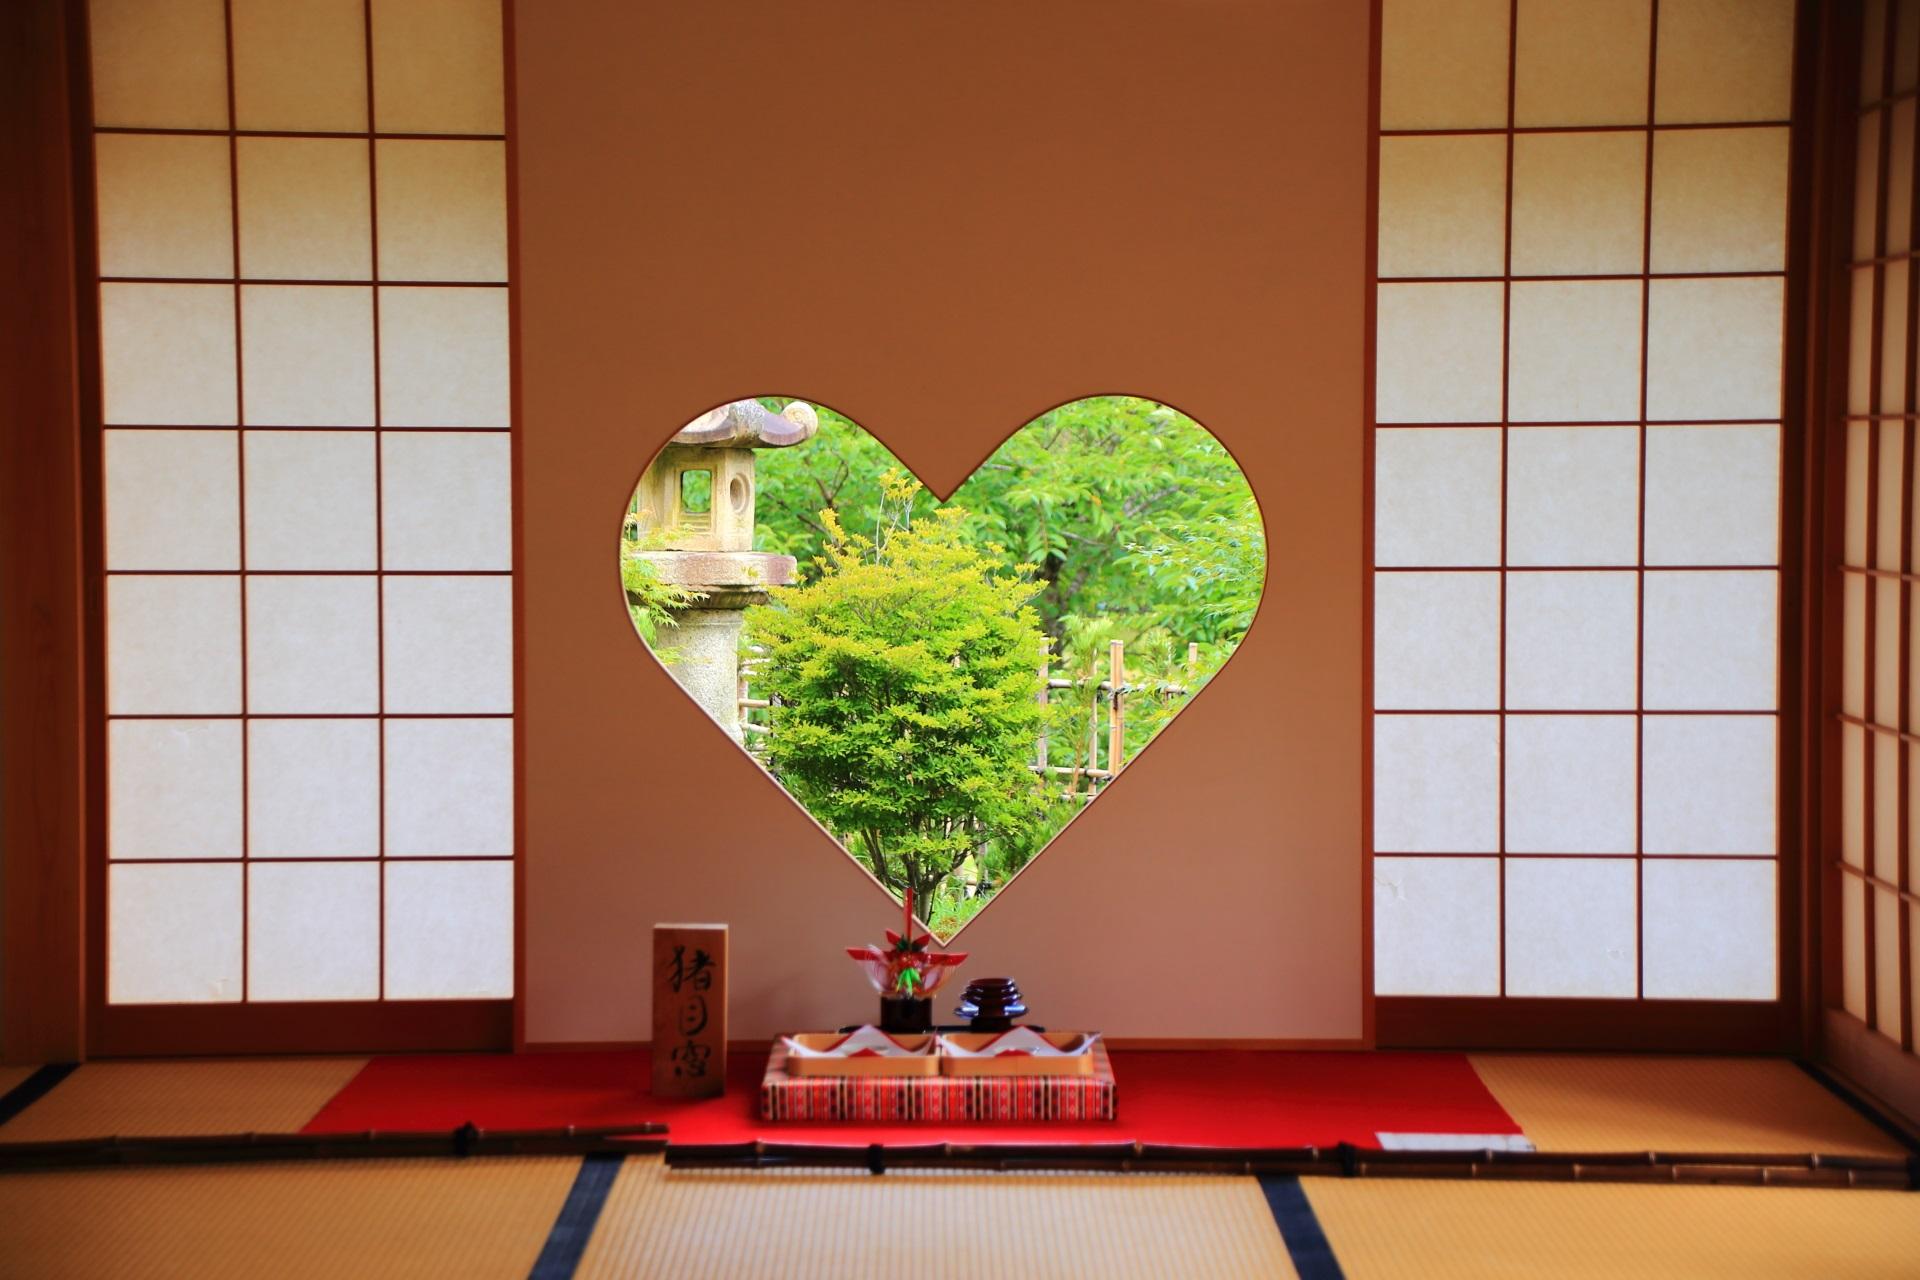 正寿院の日本伝統文様の見事なハート型の「猪目窓(いのめまど)」